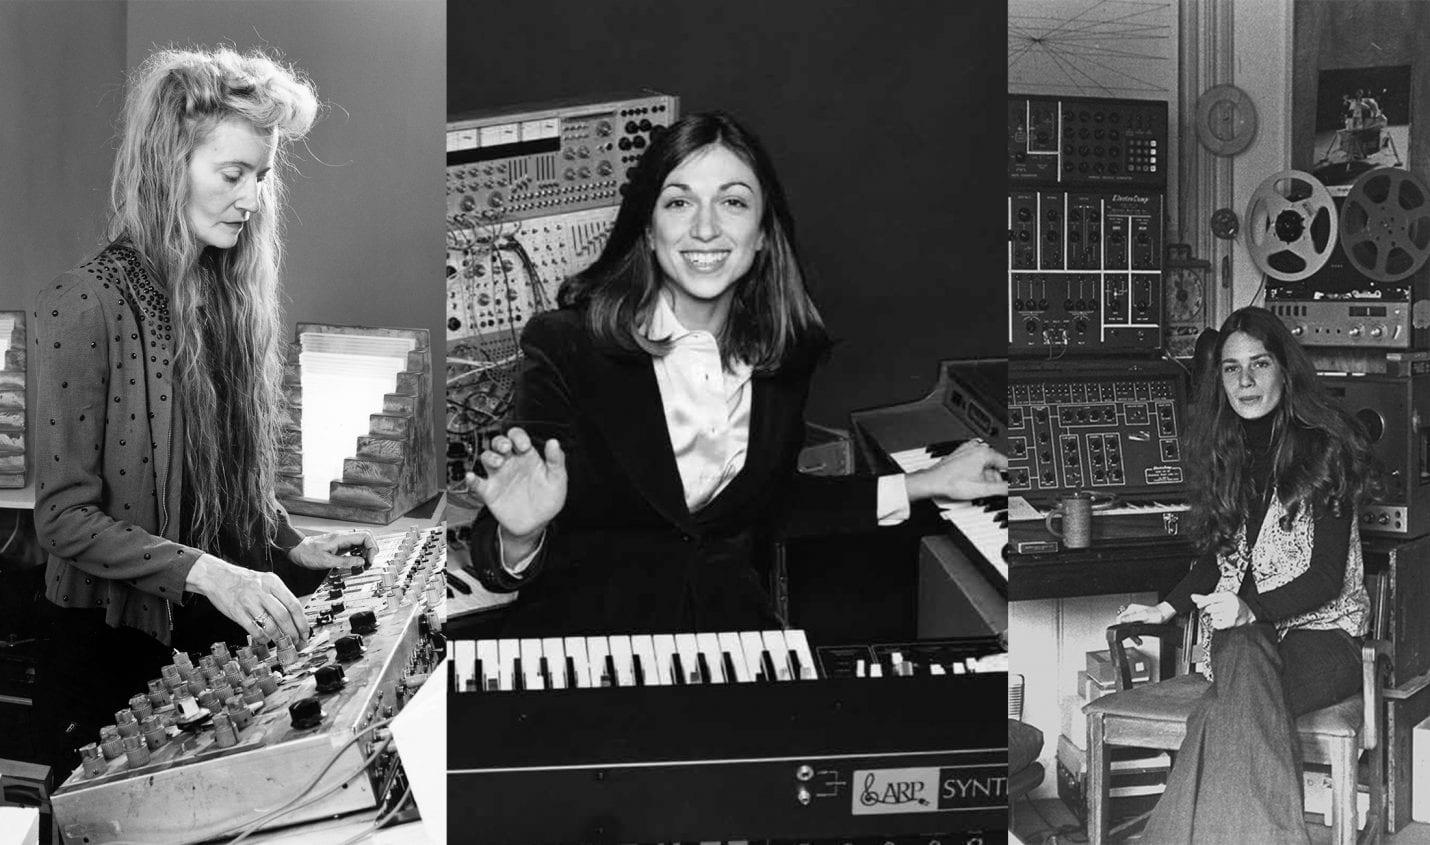 Sisters with Transistors: Dokumentation über Pionierinnen der elektronischen Musik